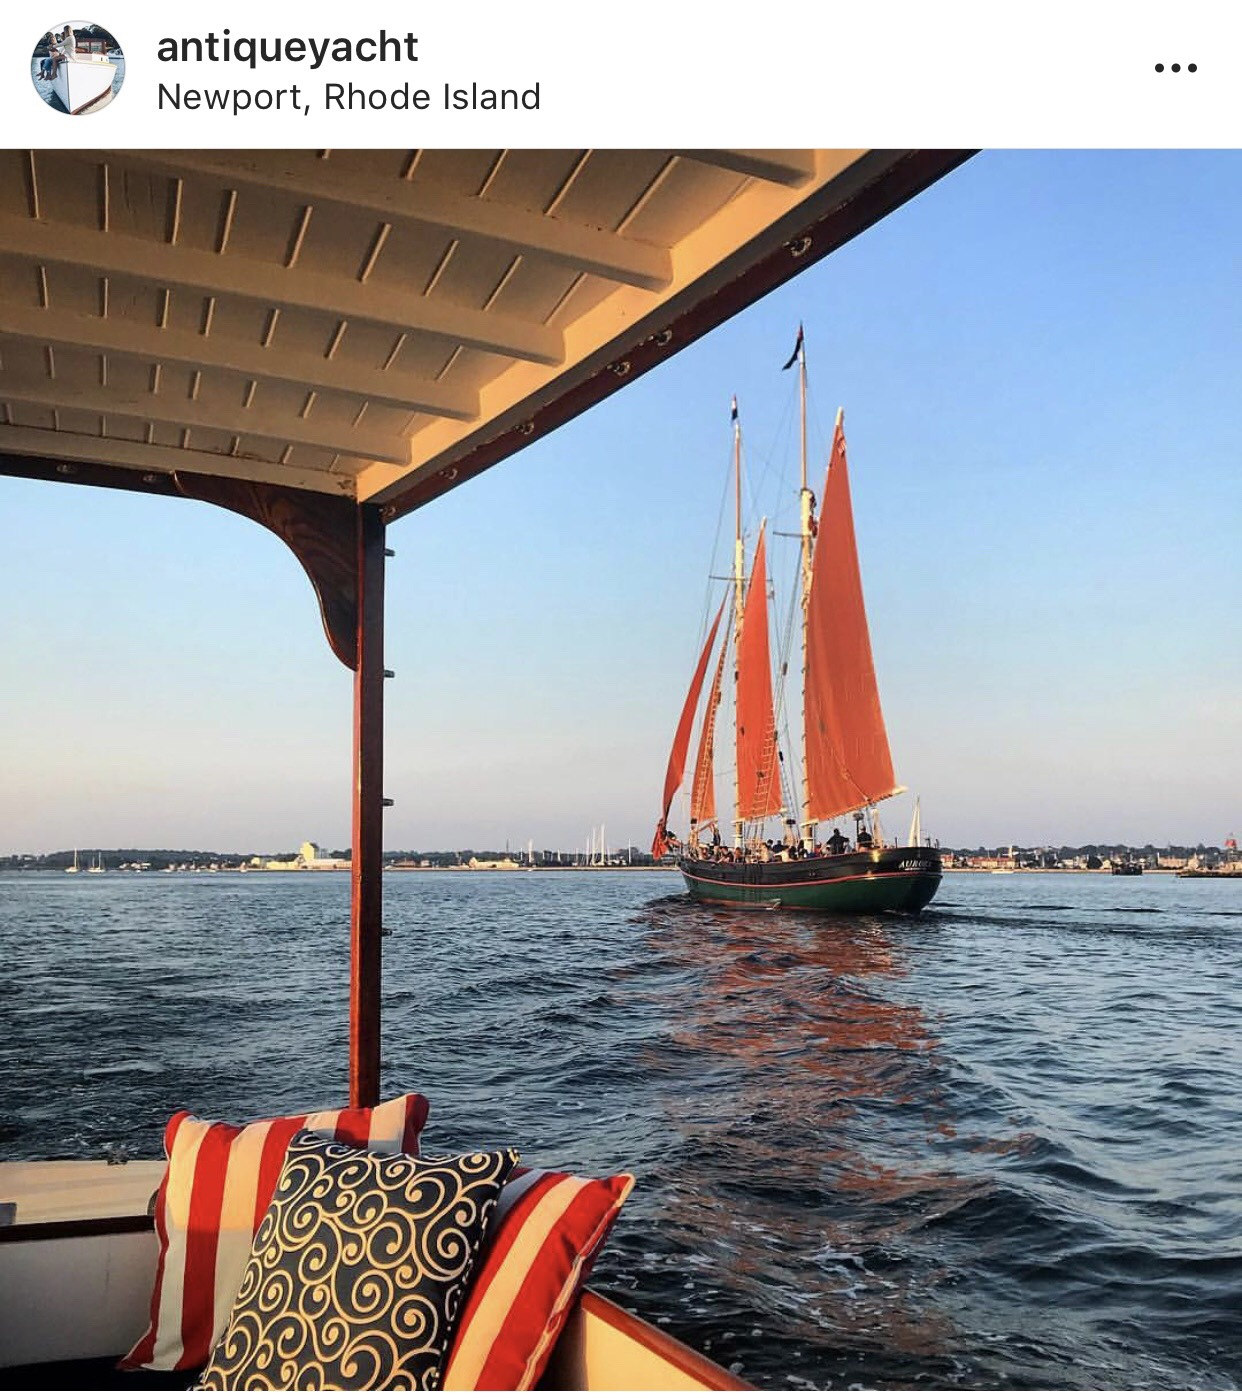 _antiqueyacht